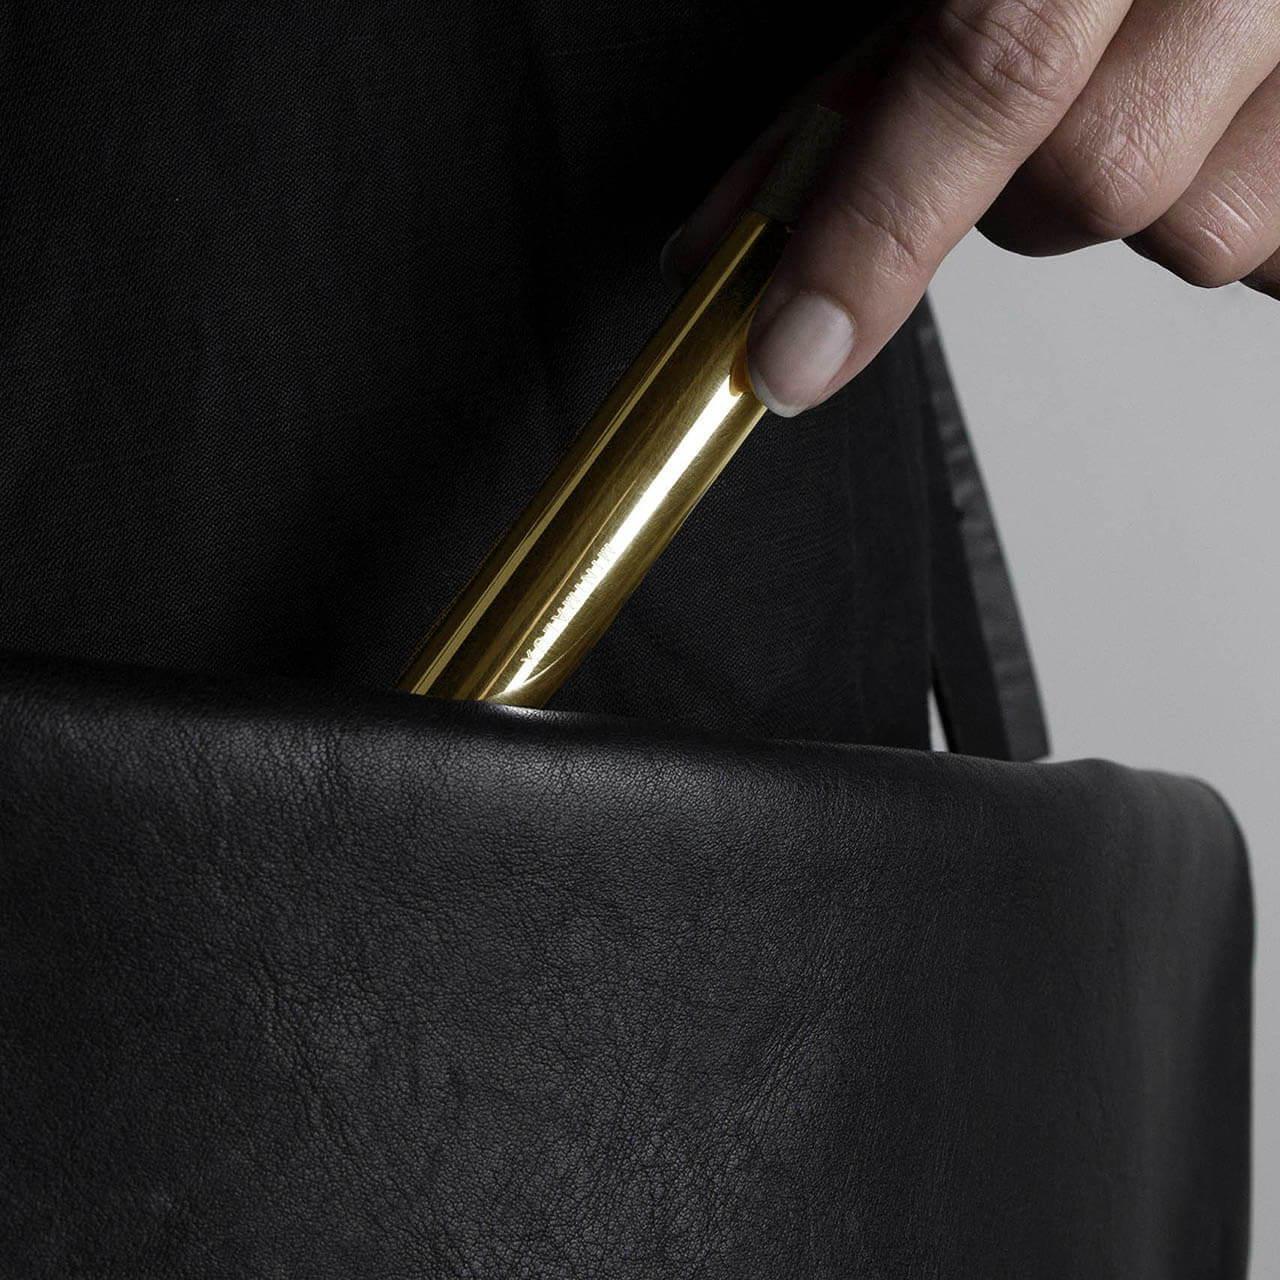 Gold Pill Tube in bag